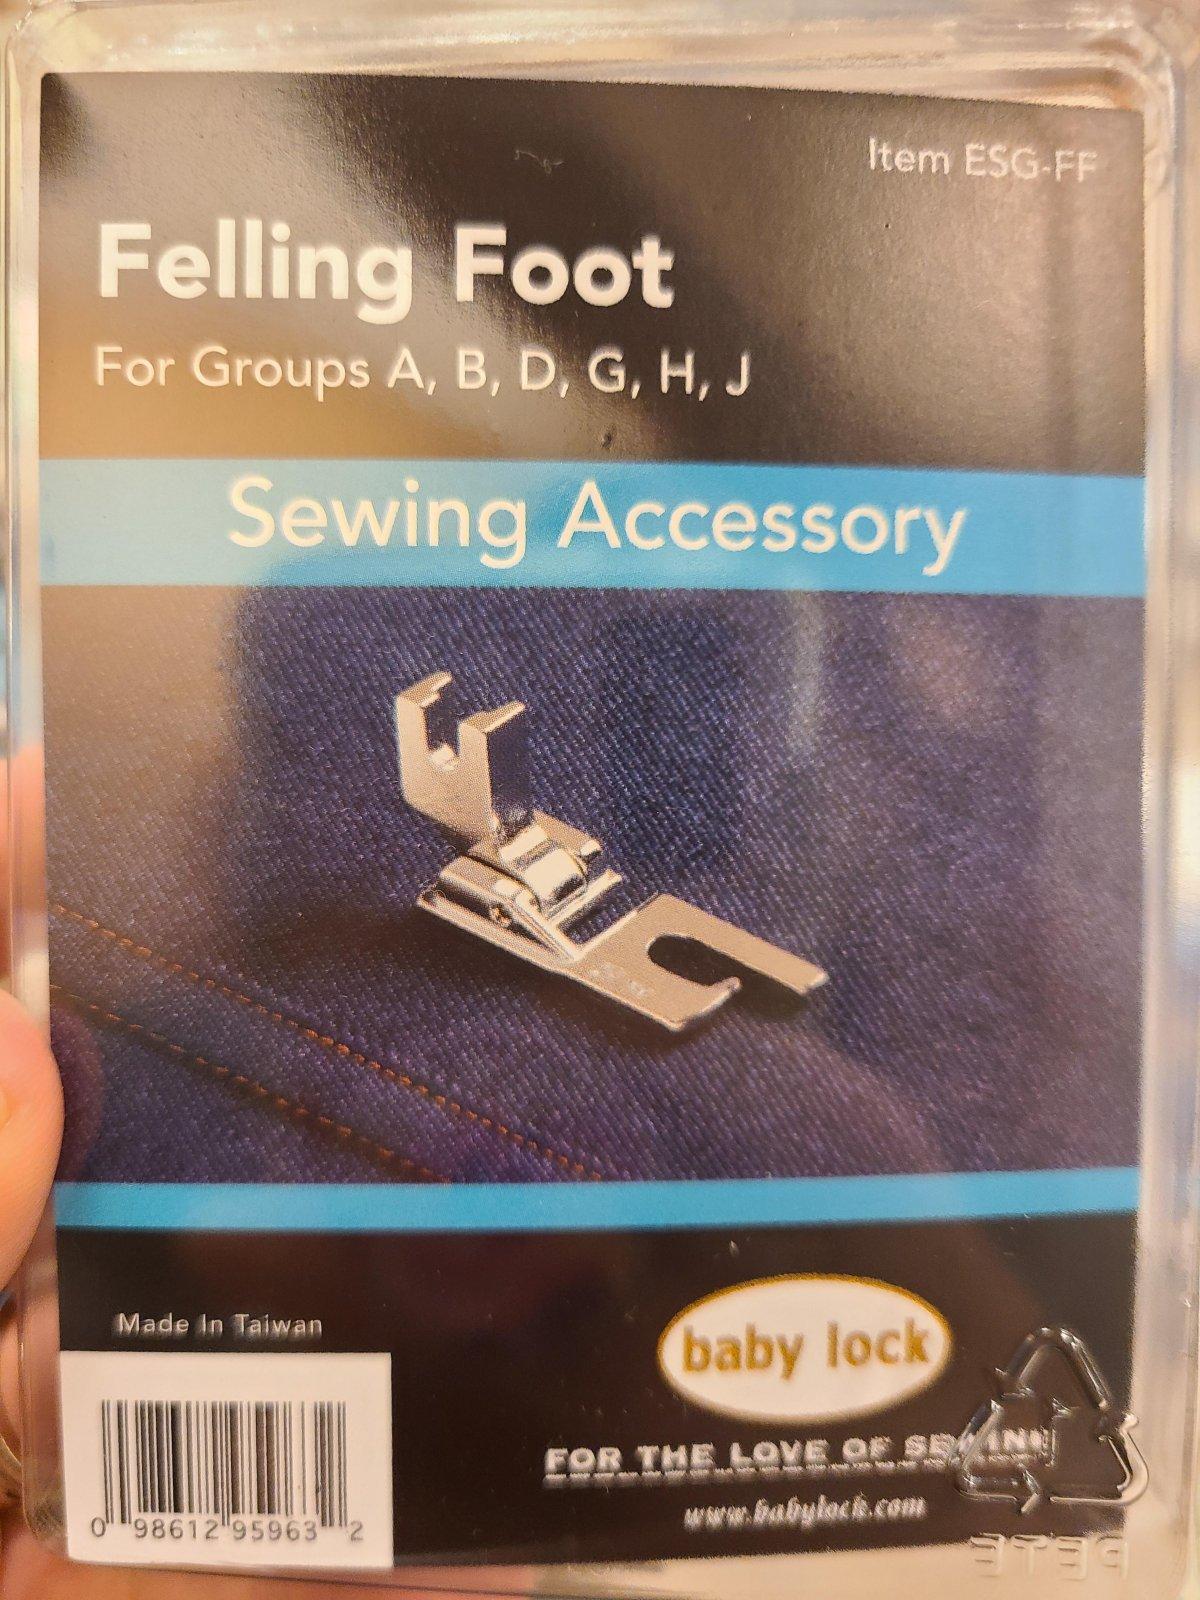 Baby Lock Felling Foot